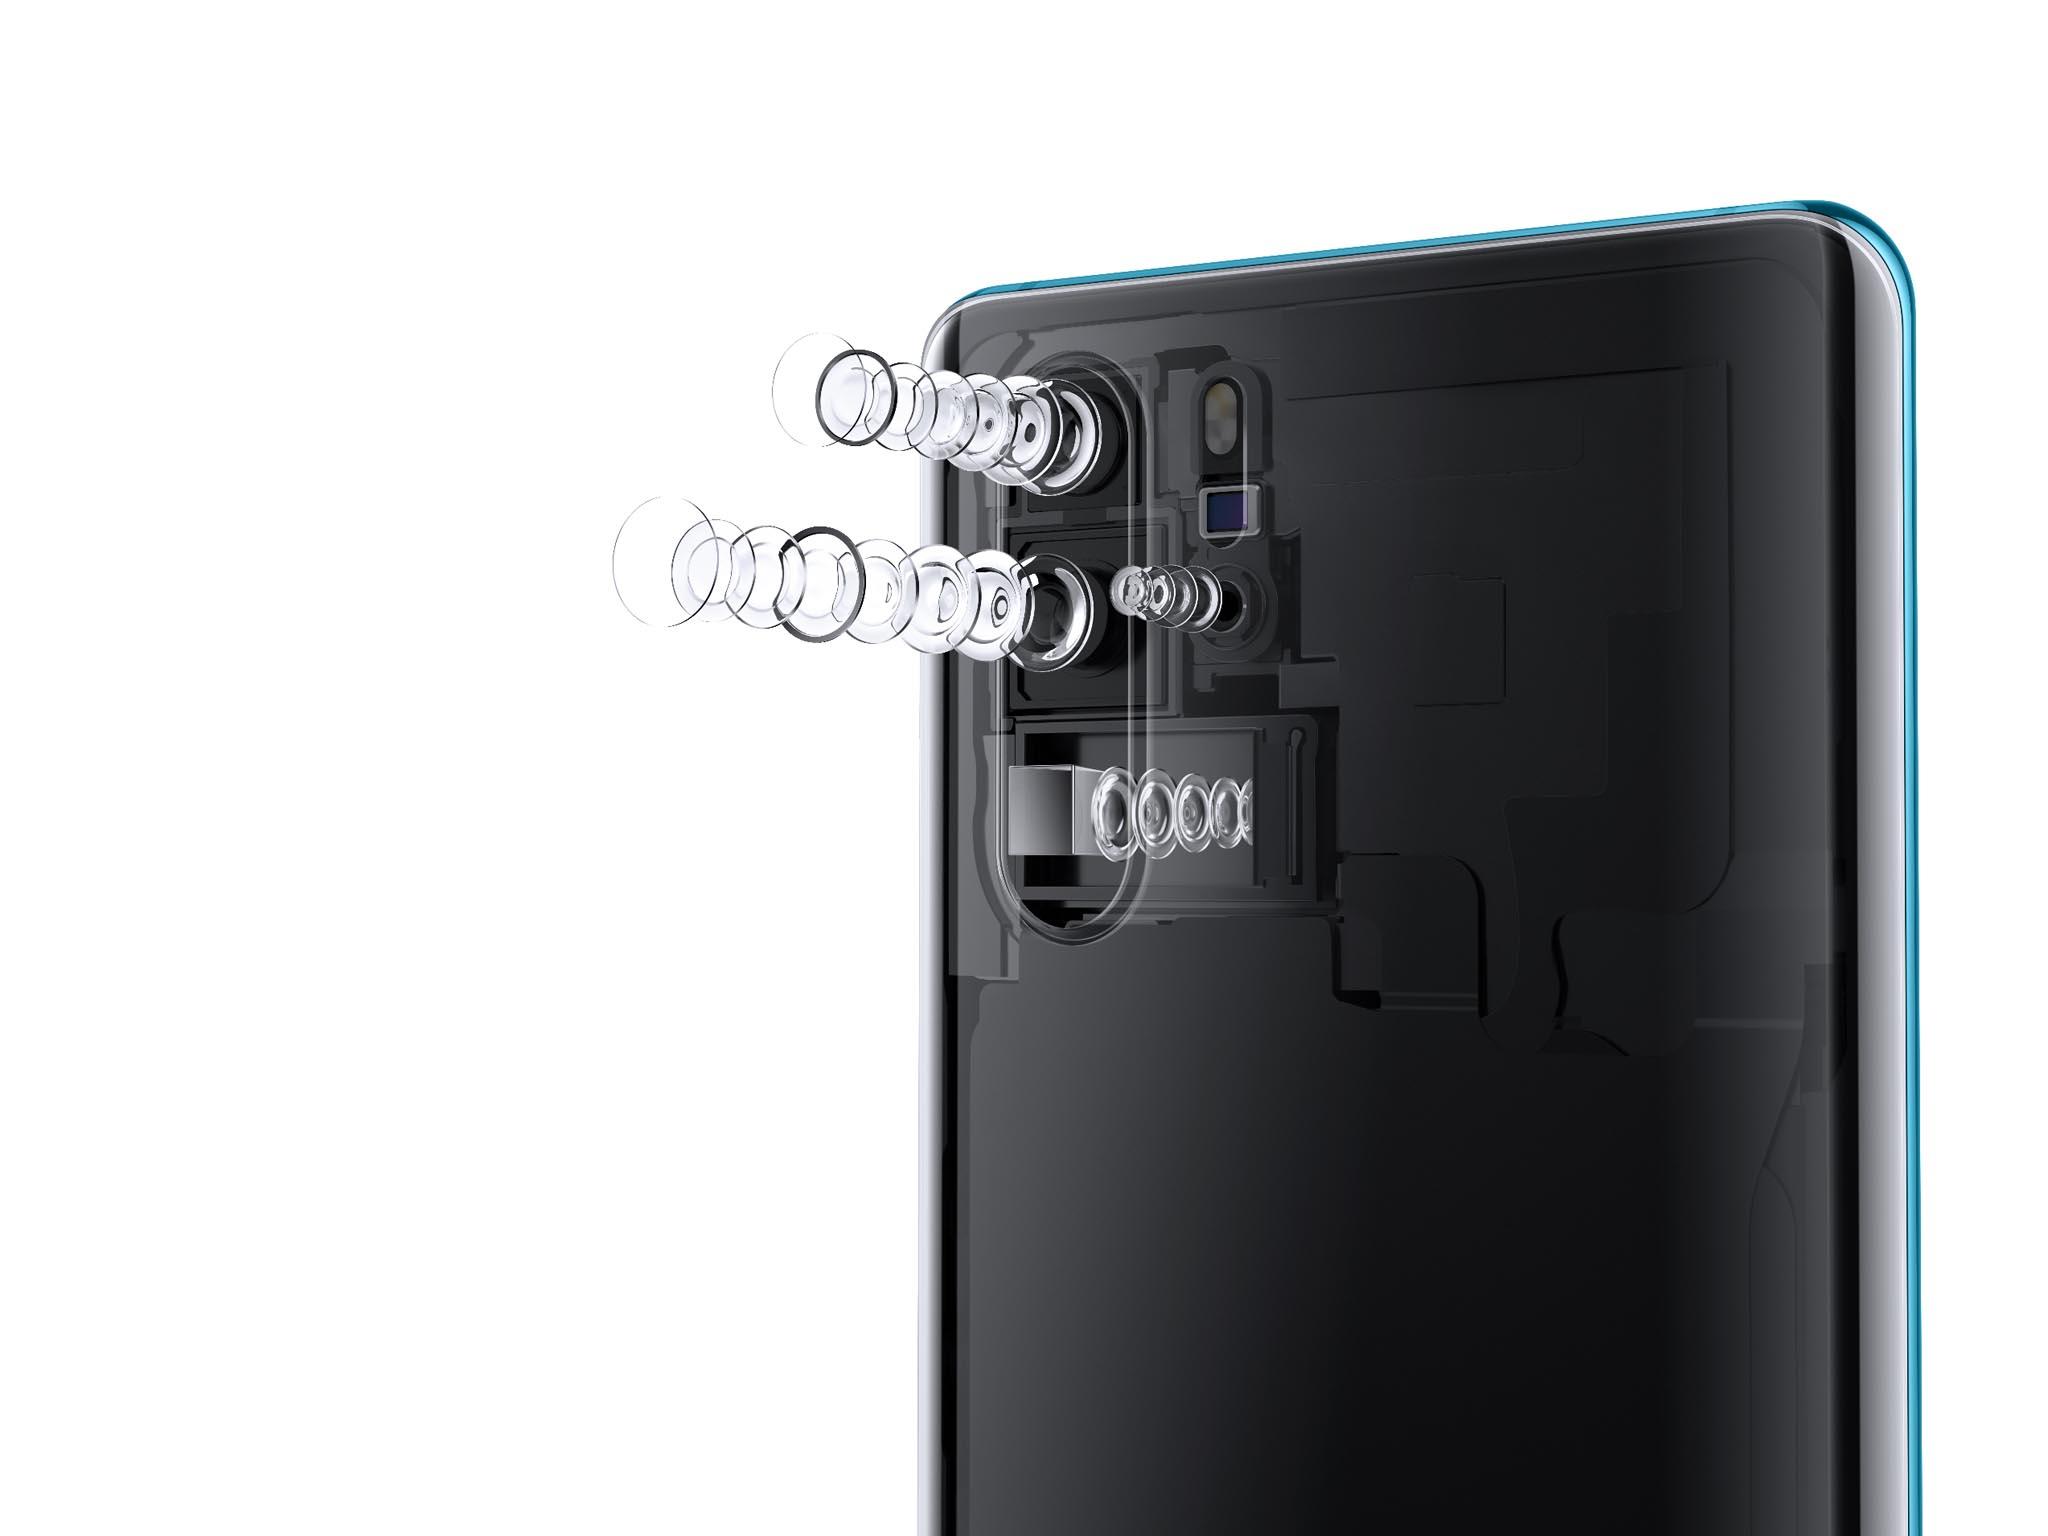 Vlajková loď Huawei P30 Pro má čtyři fotoaparáty, mezi kterými je největší novinkou zoomový objektiv smožností až desetinásobného přiblížení.